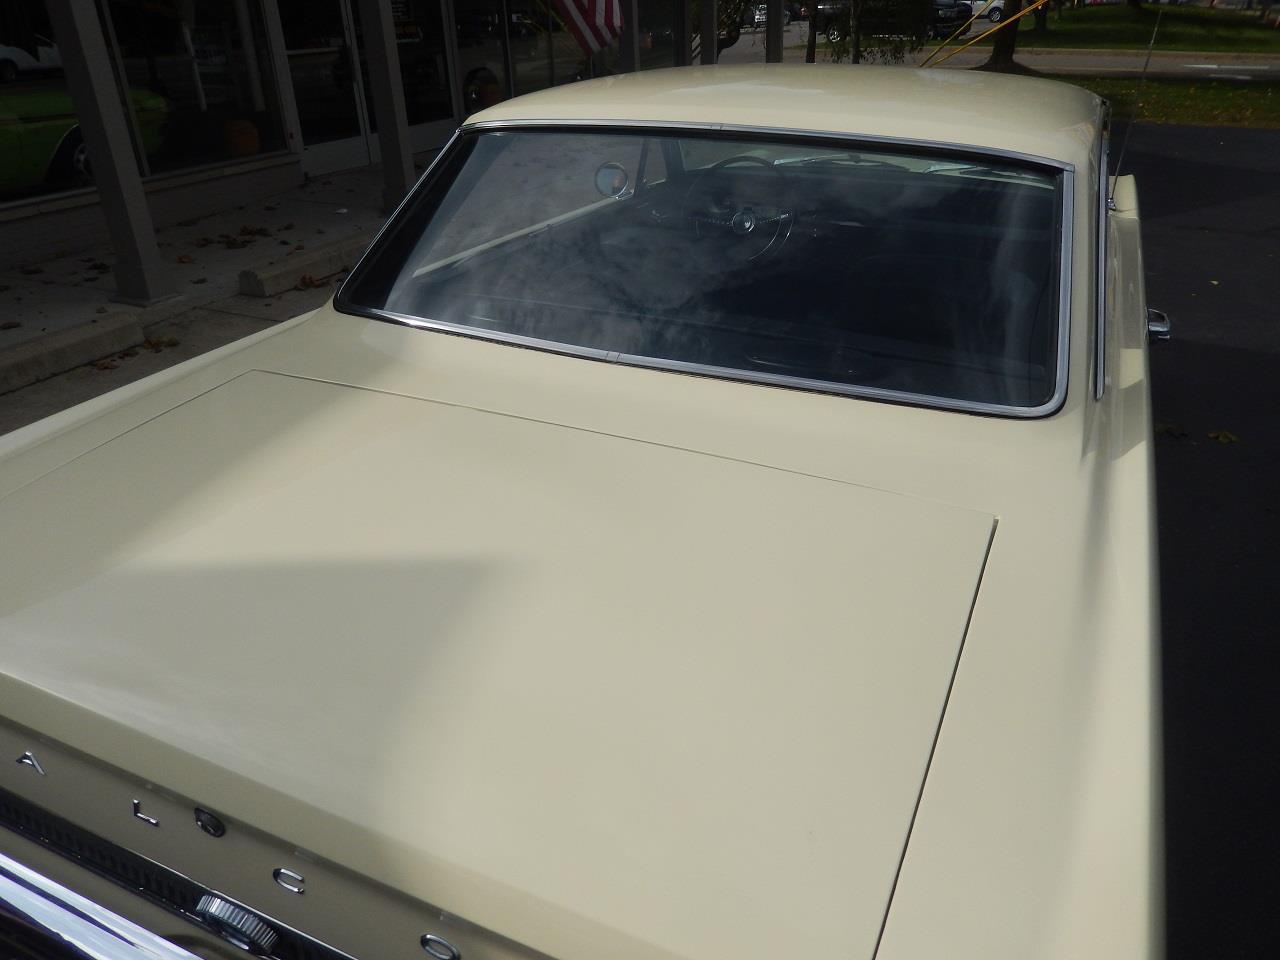 1964 Ford Falcon Futura (CC-1272995) for sale in Clarkston, Michigan